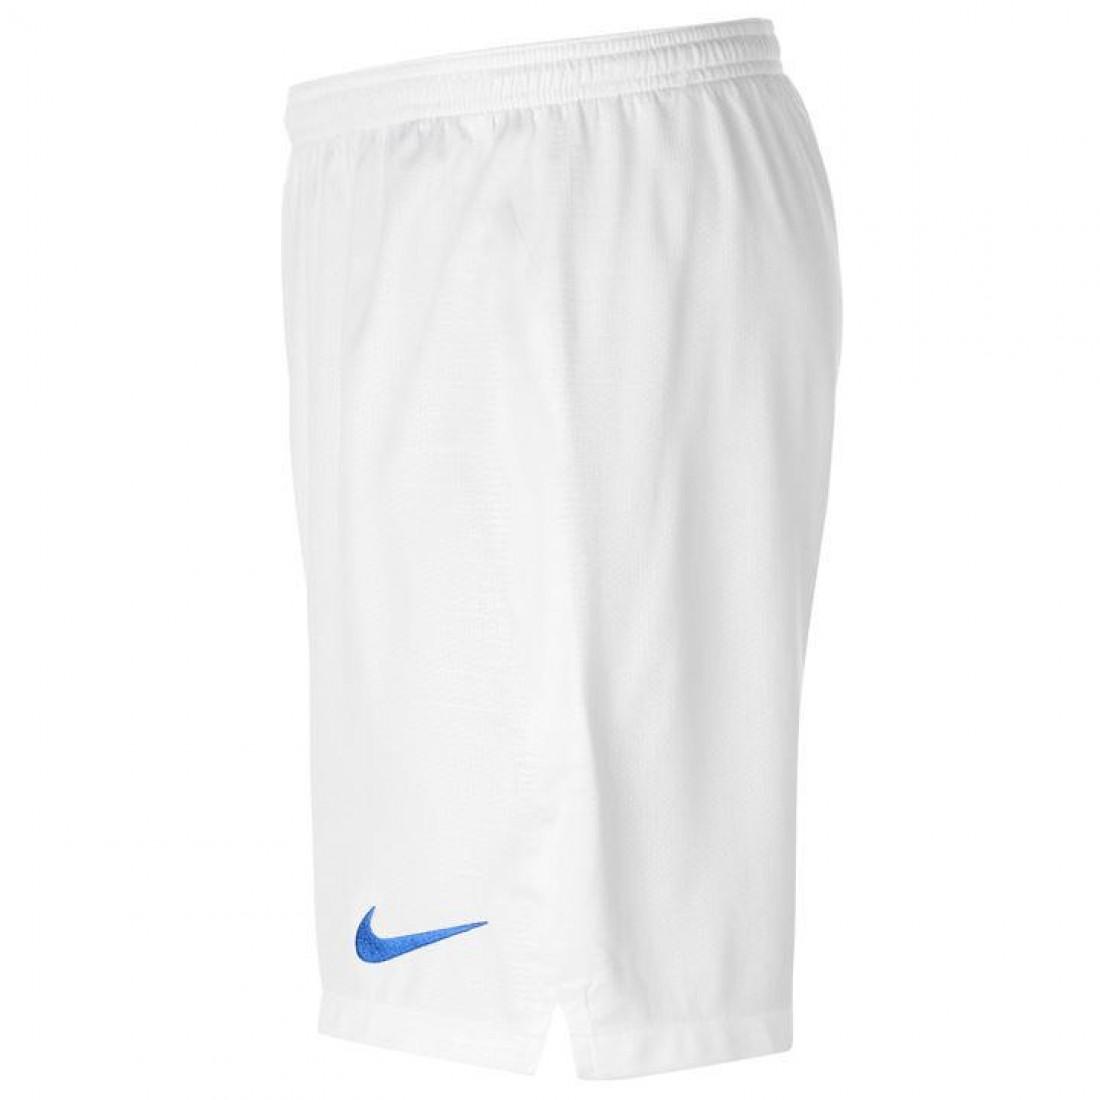 bca44052635 Nike Brazil мъжки футболни шорти на Бразилия Найк гостуващи Away Shorts  2018 оригинални гащета за Световното ...